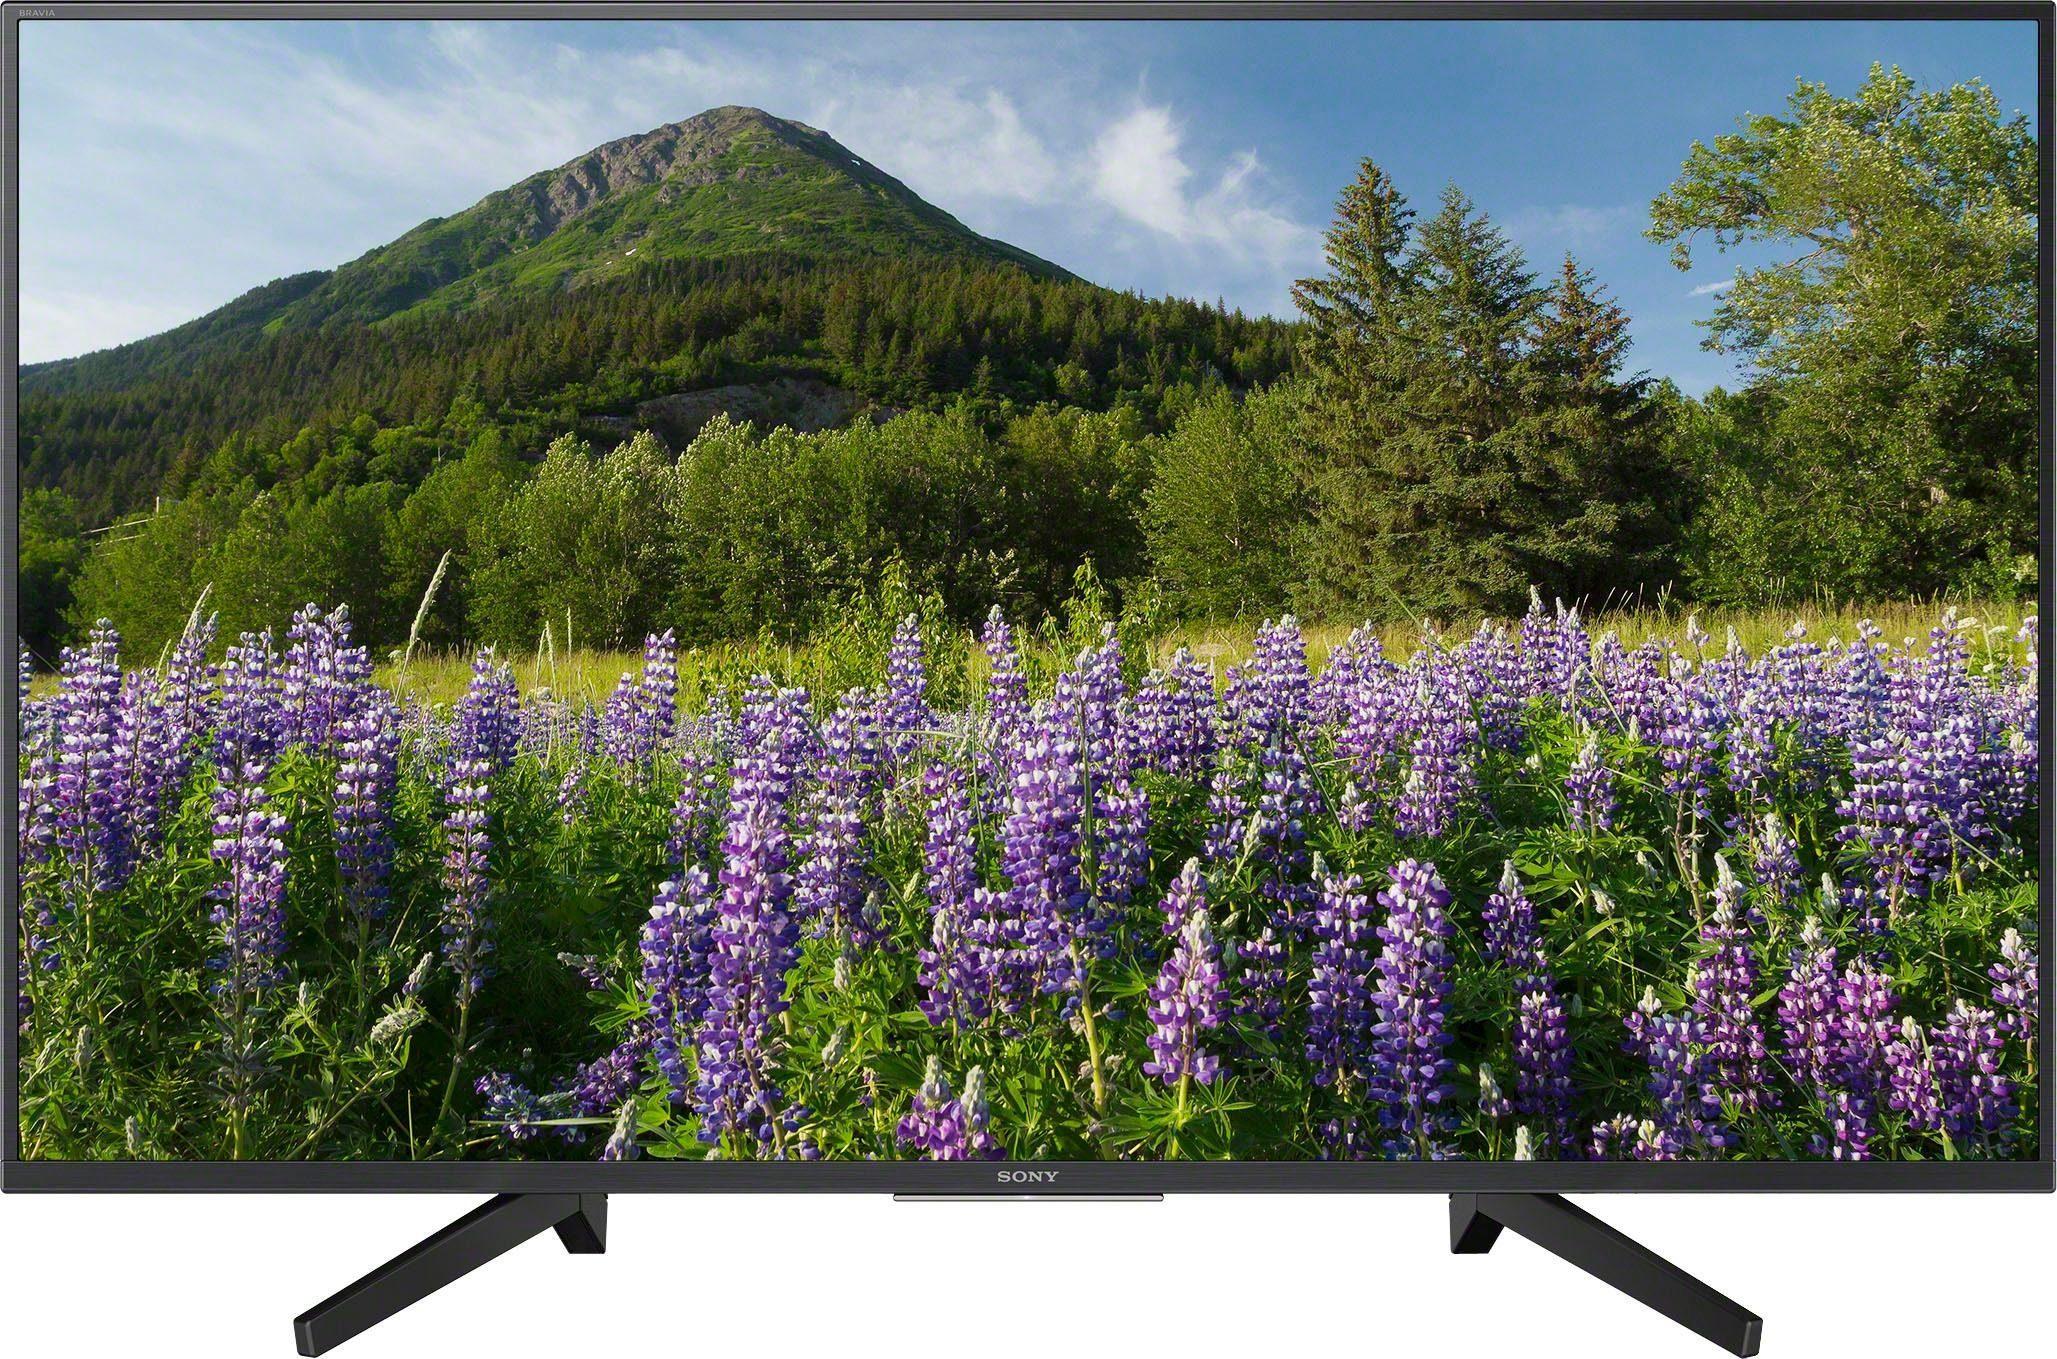 Sony KD55XF7005 LED-Fernseher (55 Zoll, 4K Ultra HD, Smart-TV)